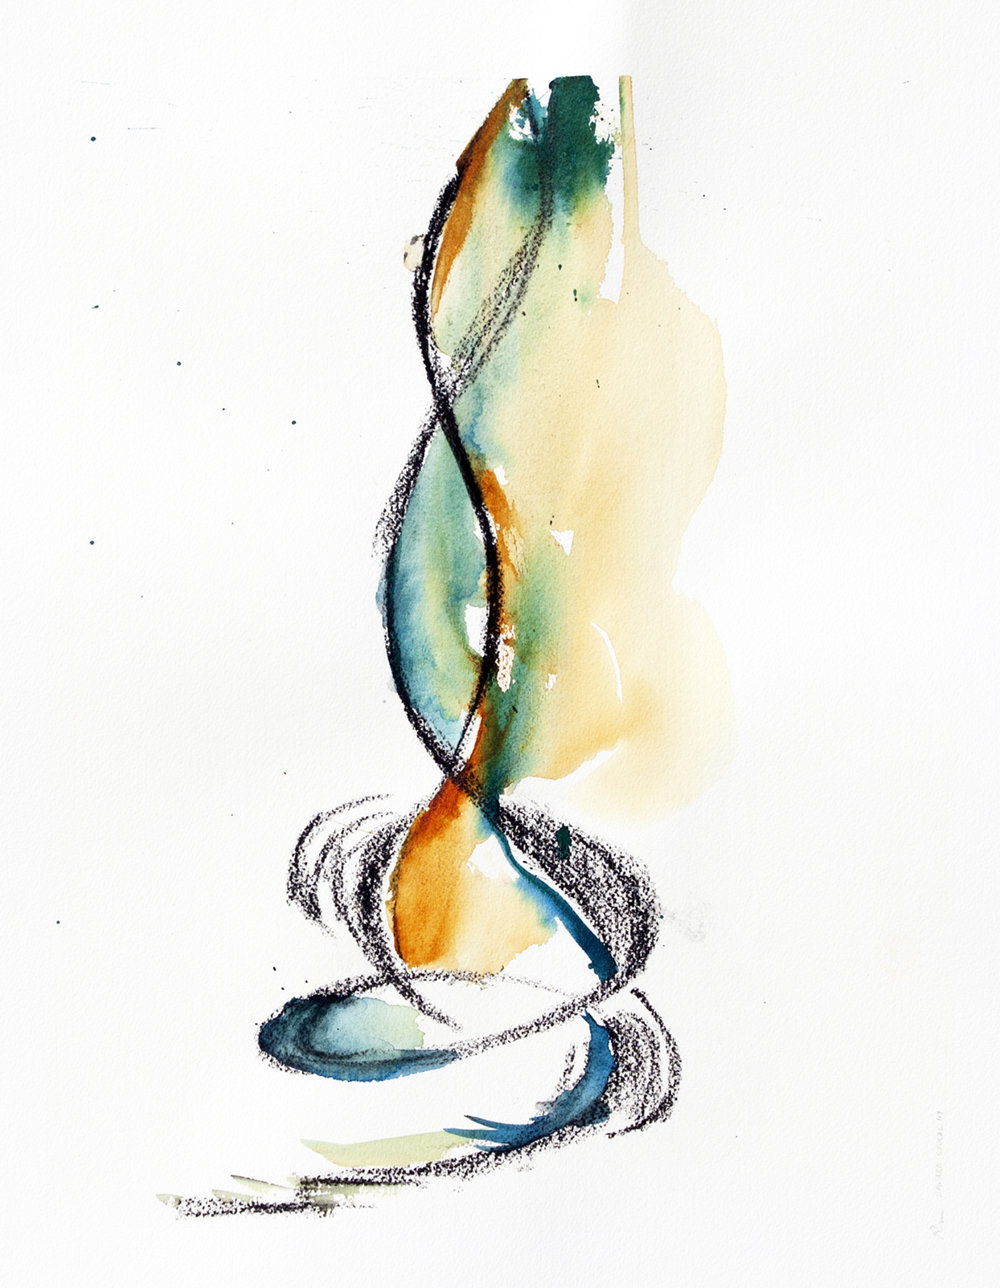 Upward Spiral